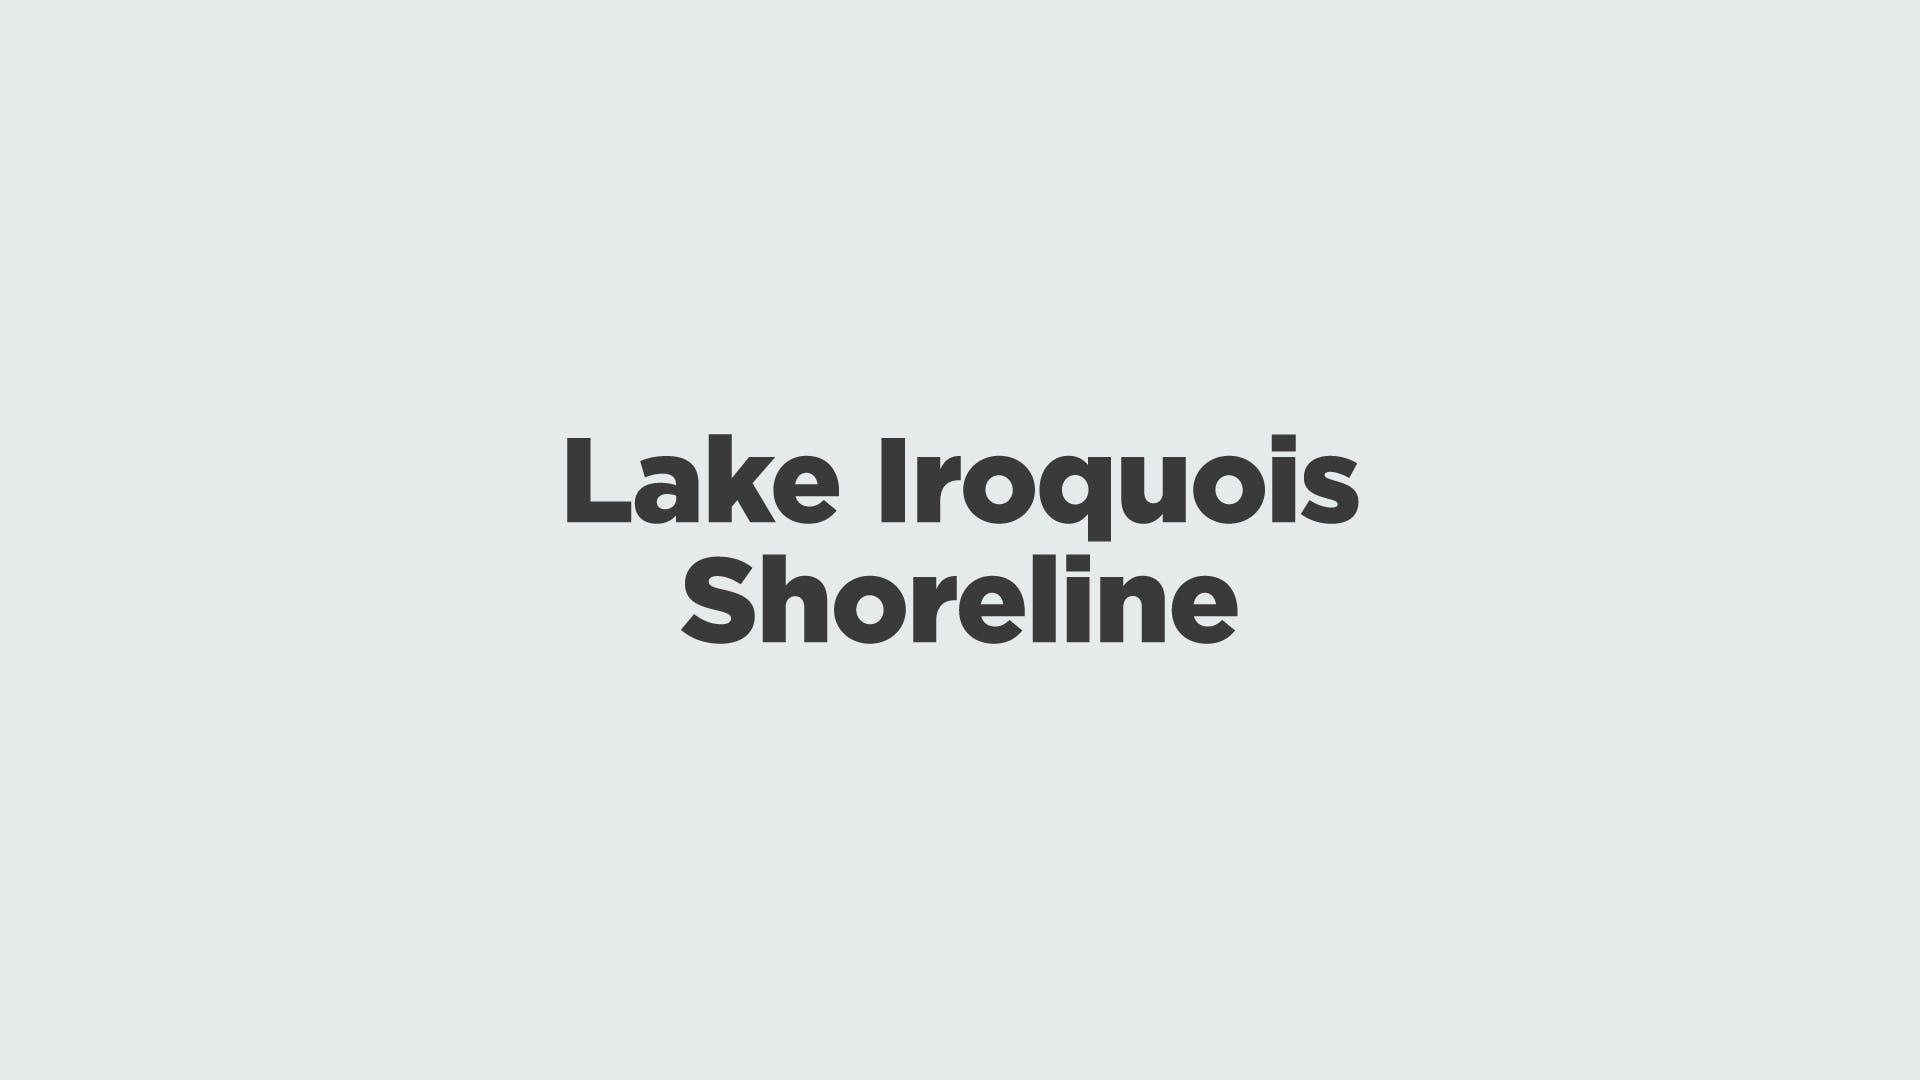 Lake Iroquois Shoreline